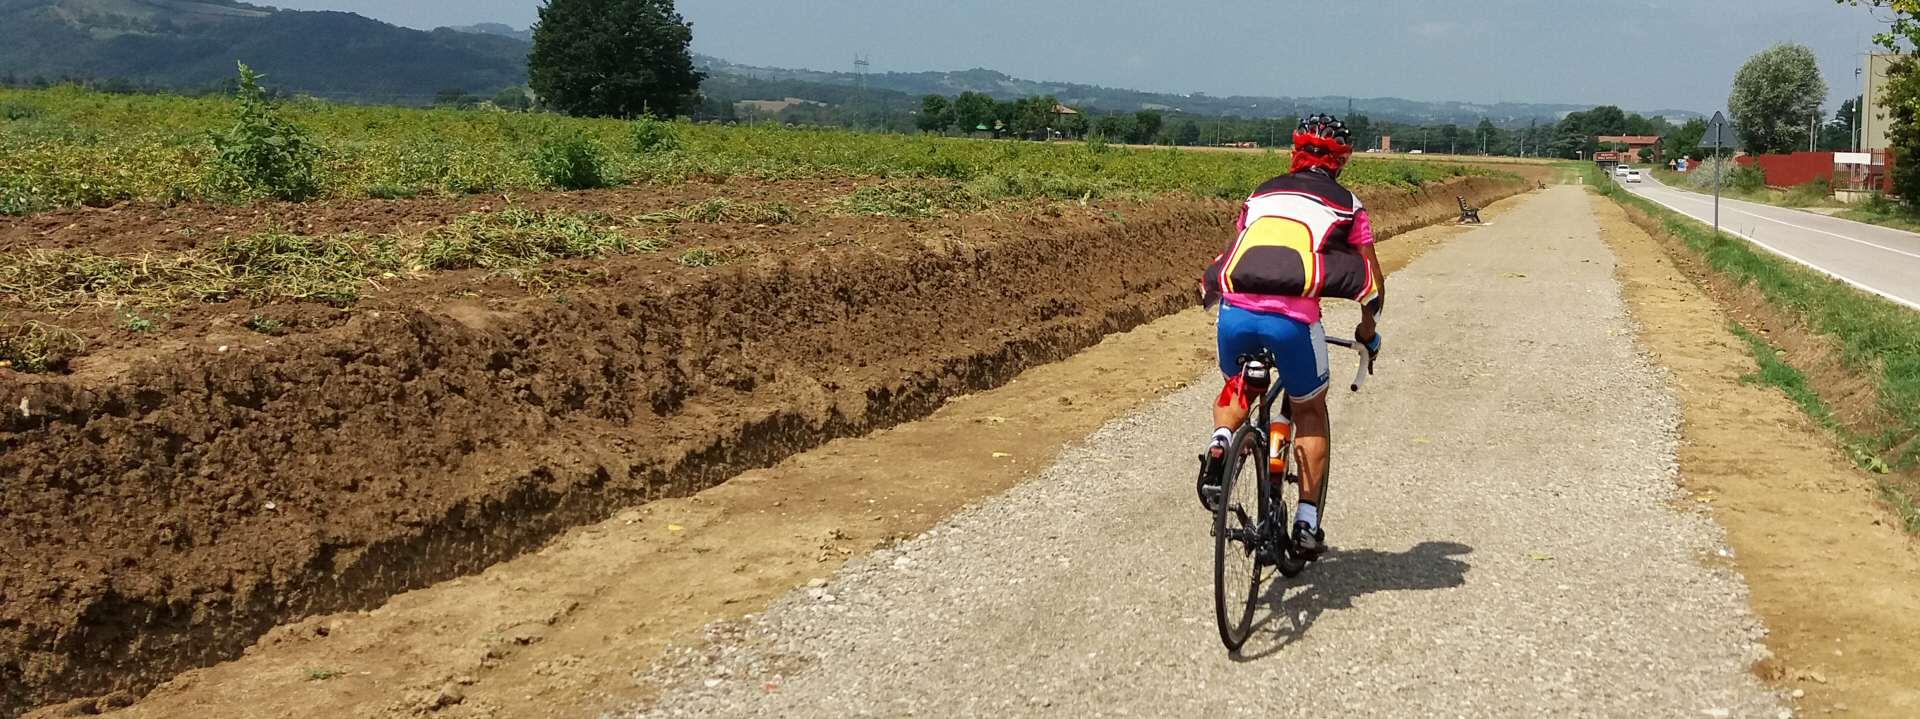 Foto: la pista ciclopedonale - Archivio Città metropolitana di Bologna